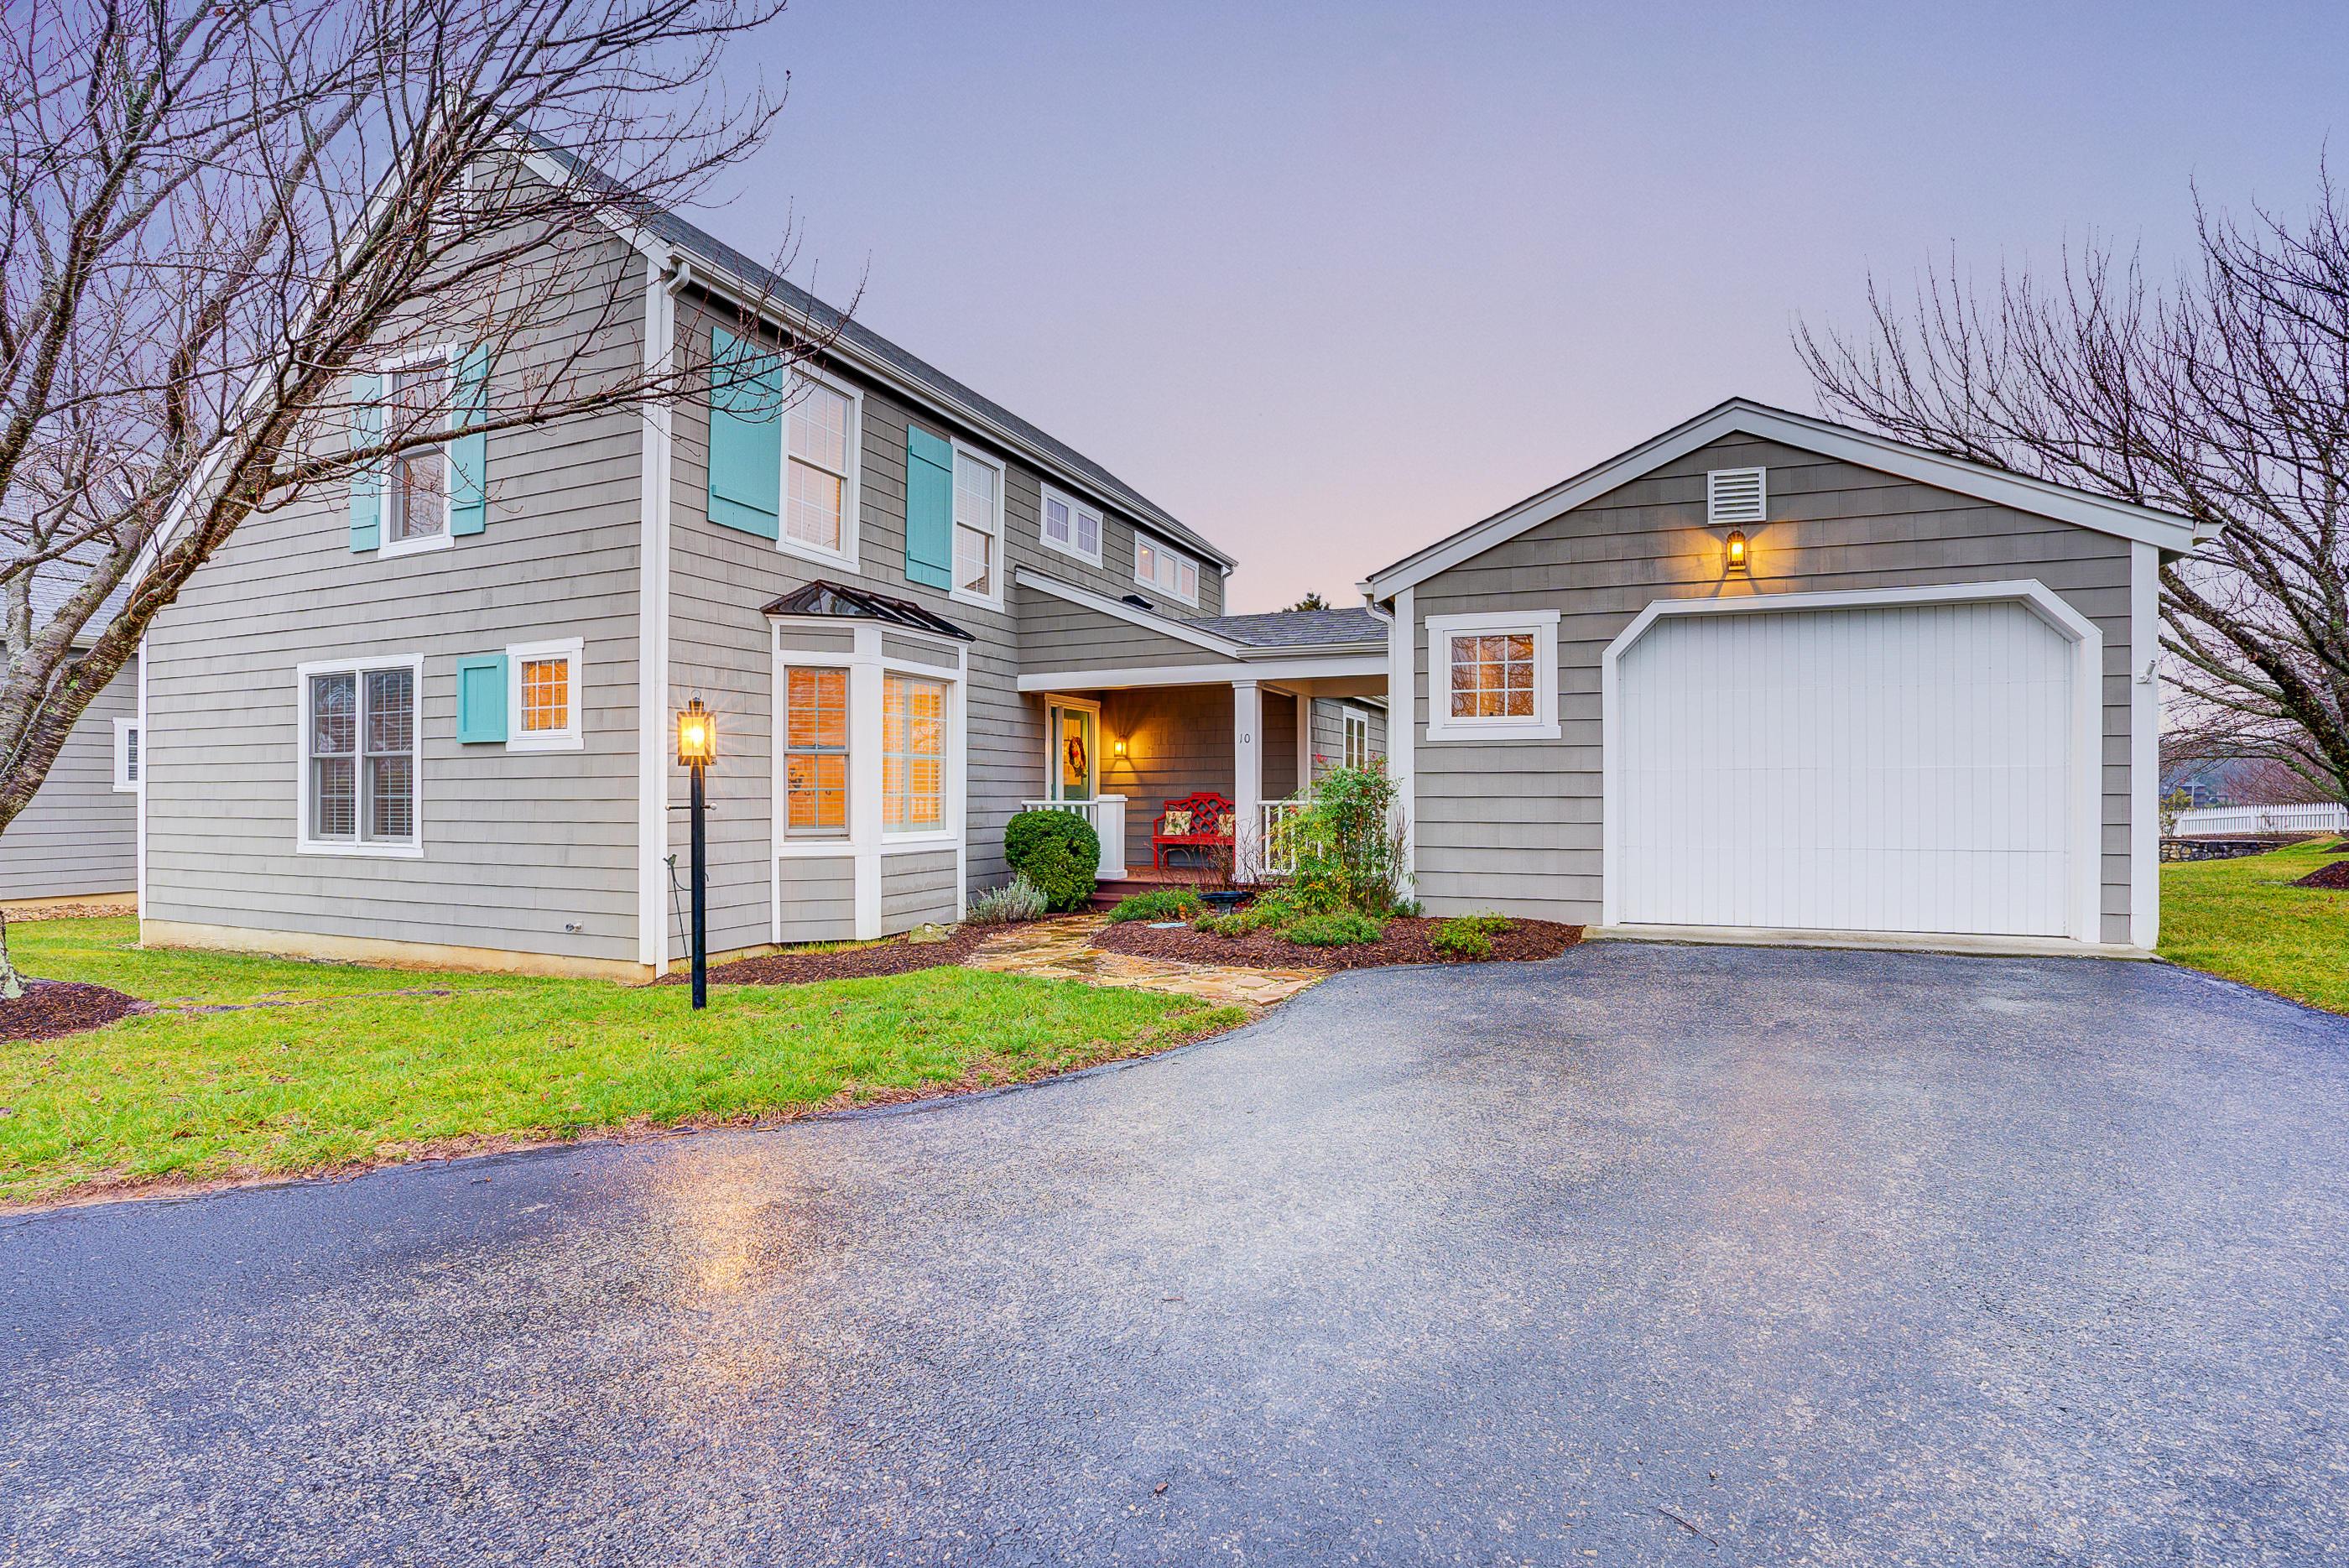 Photo of 10 Cottage LN Moneta VA 24121